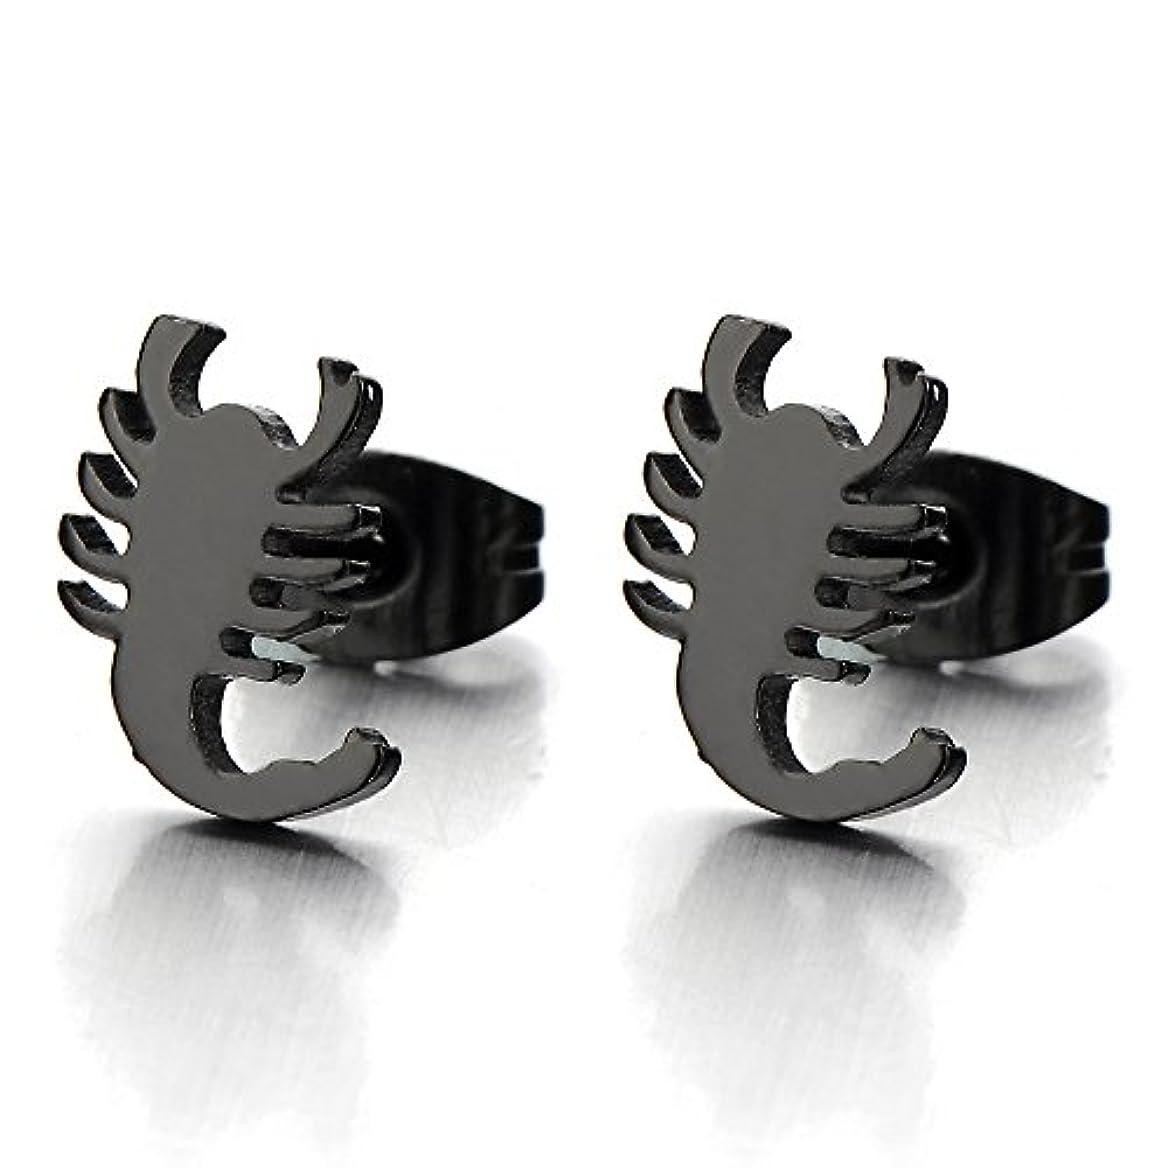 兵士広まった複製するメンズブラックScorpion Kingスタッドイヤリングでステンレス鋼ゴシックバイカーパンクロック、2個